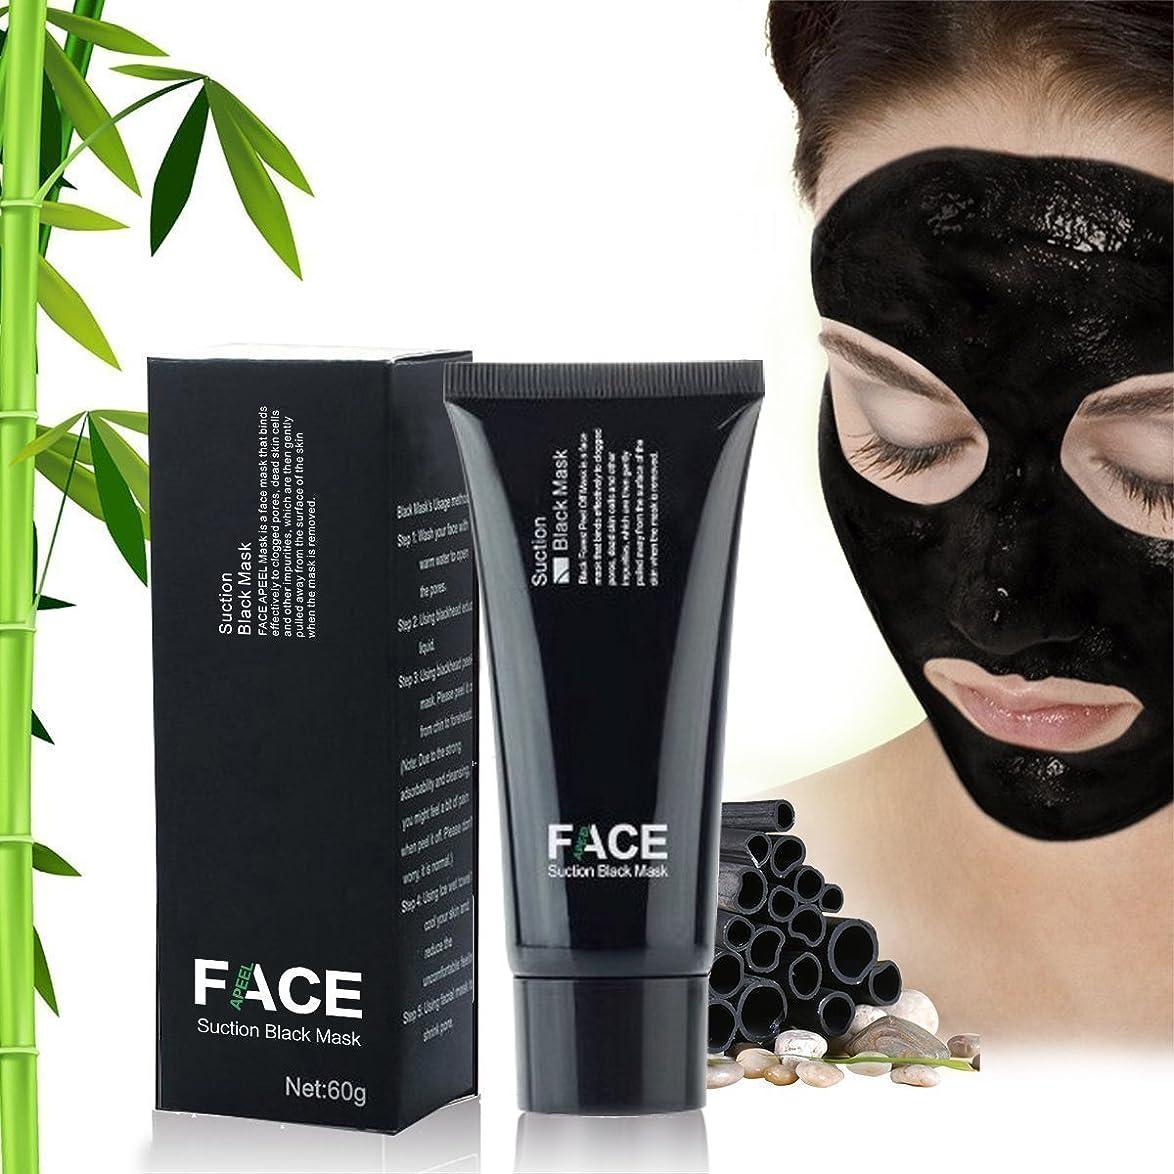 剛性しなやかな雨のFace Apeel Blackhead Remover - Peel-off Mask for Men and Women - Deep Cleans Better than Pore Strips for Instantly